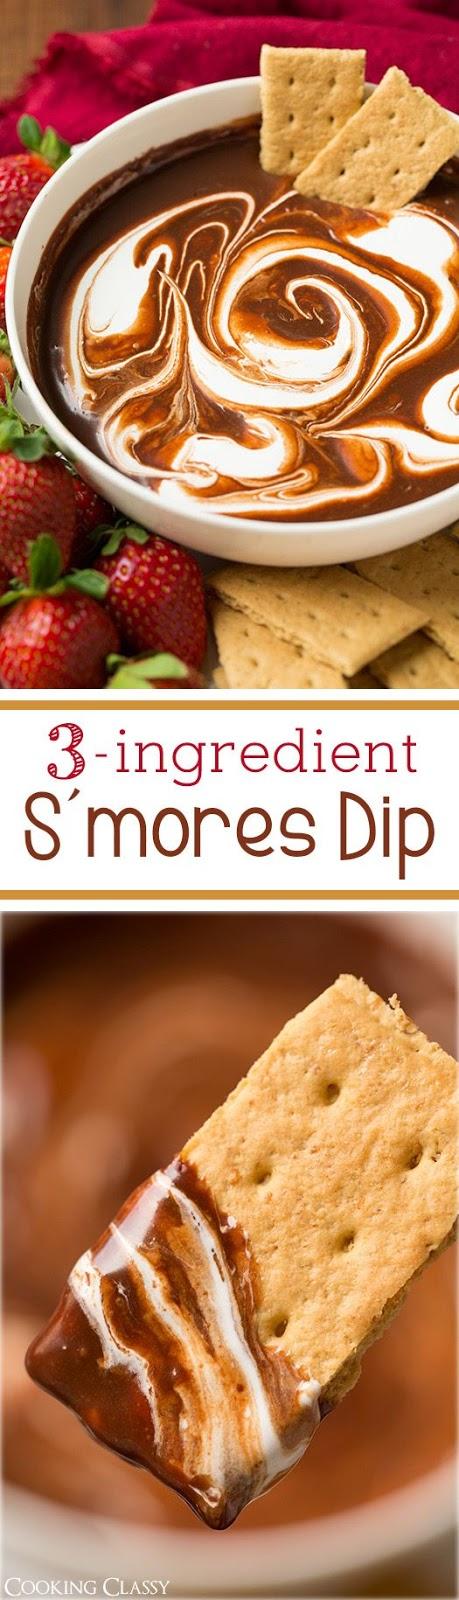 S'mores Dip (3 Ingredients)